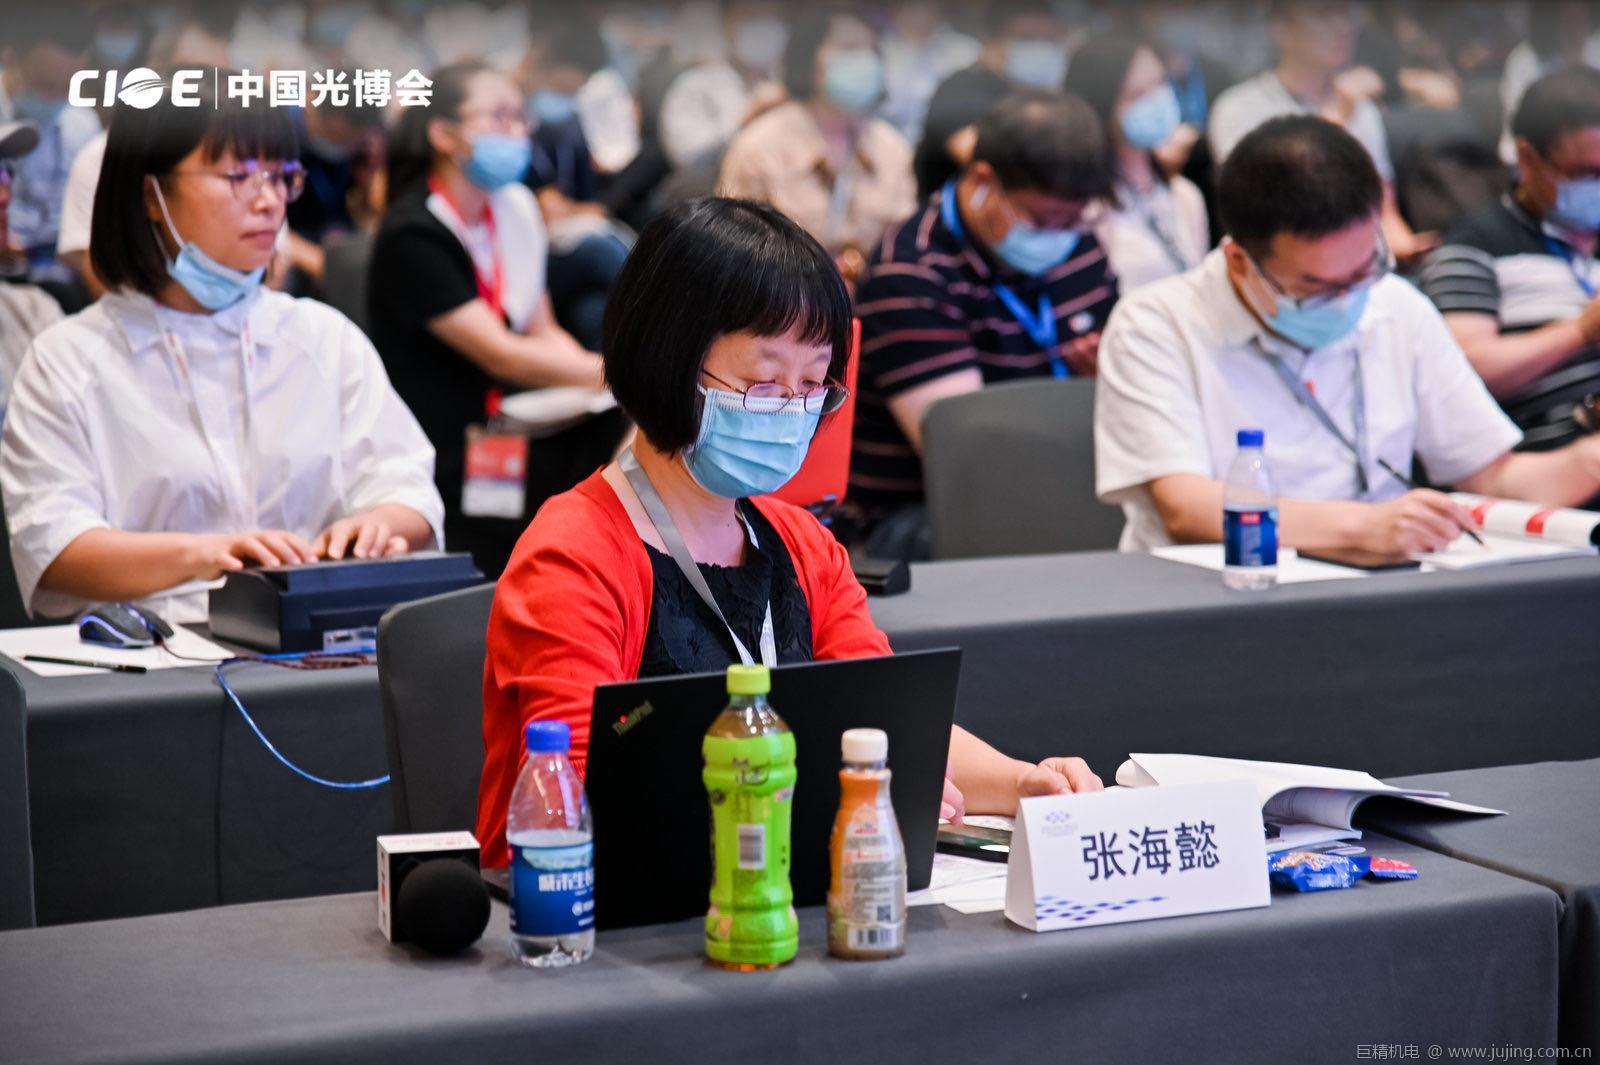 张海懿:2021年上半年初步完成5G模块、前传系统标准化工作